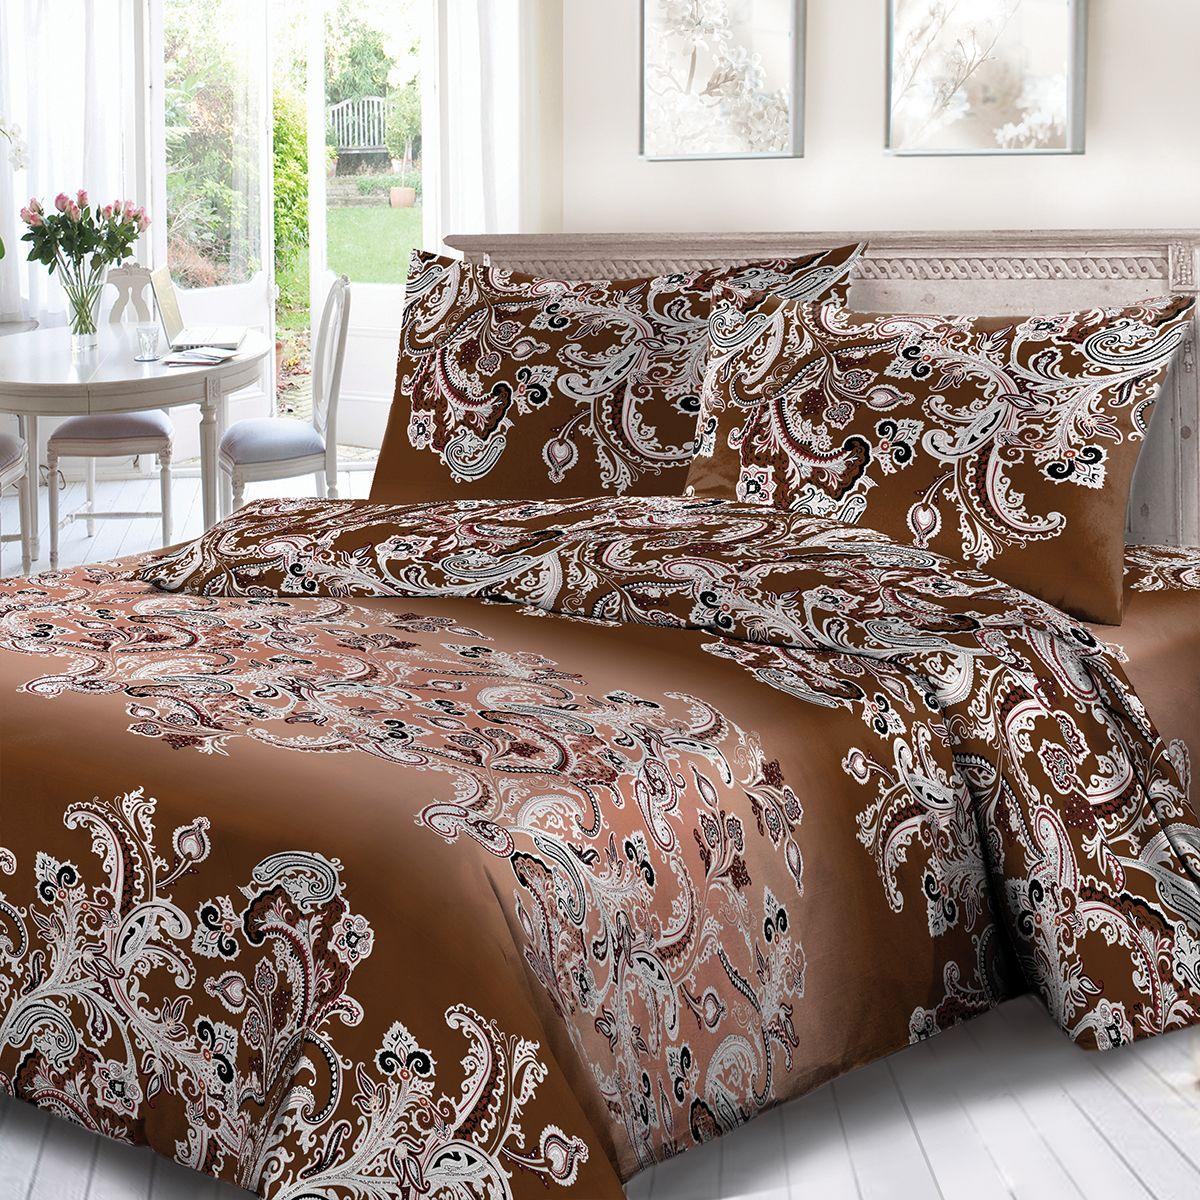 Комплект белья Сорренто Вензели, 1,5 спальное, наволочки 70x70, цвет: коричневый. 3889-190235